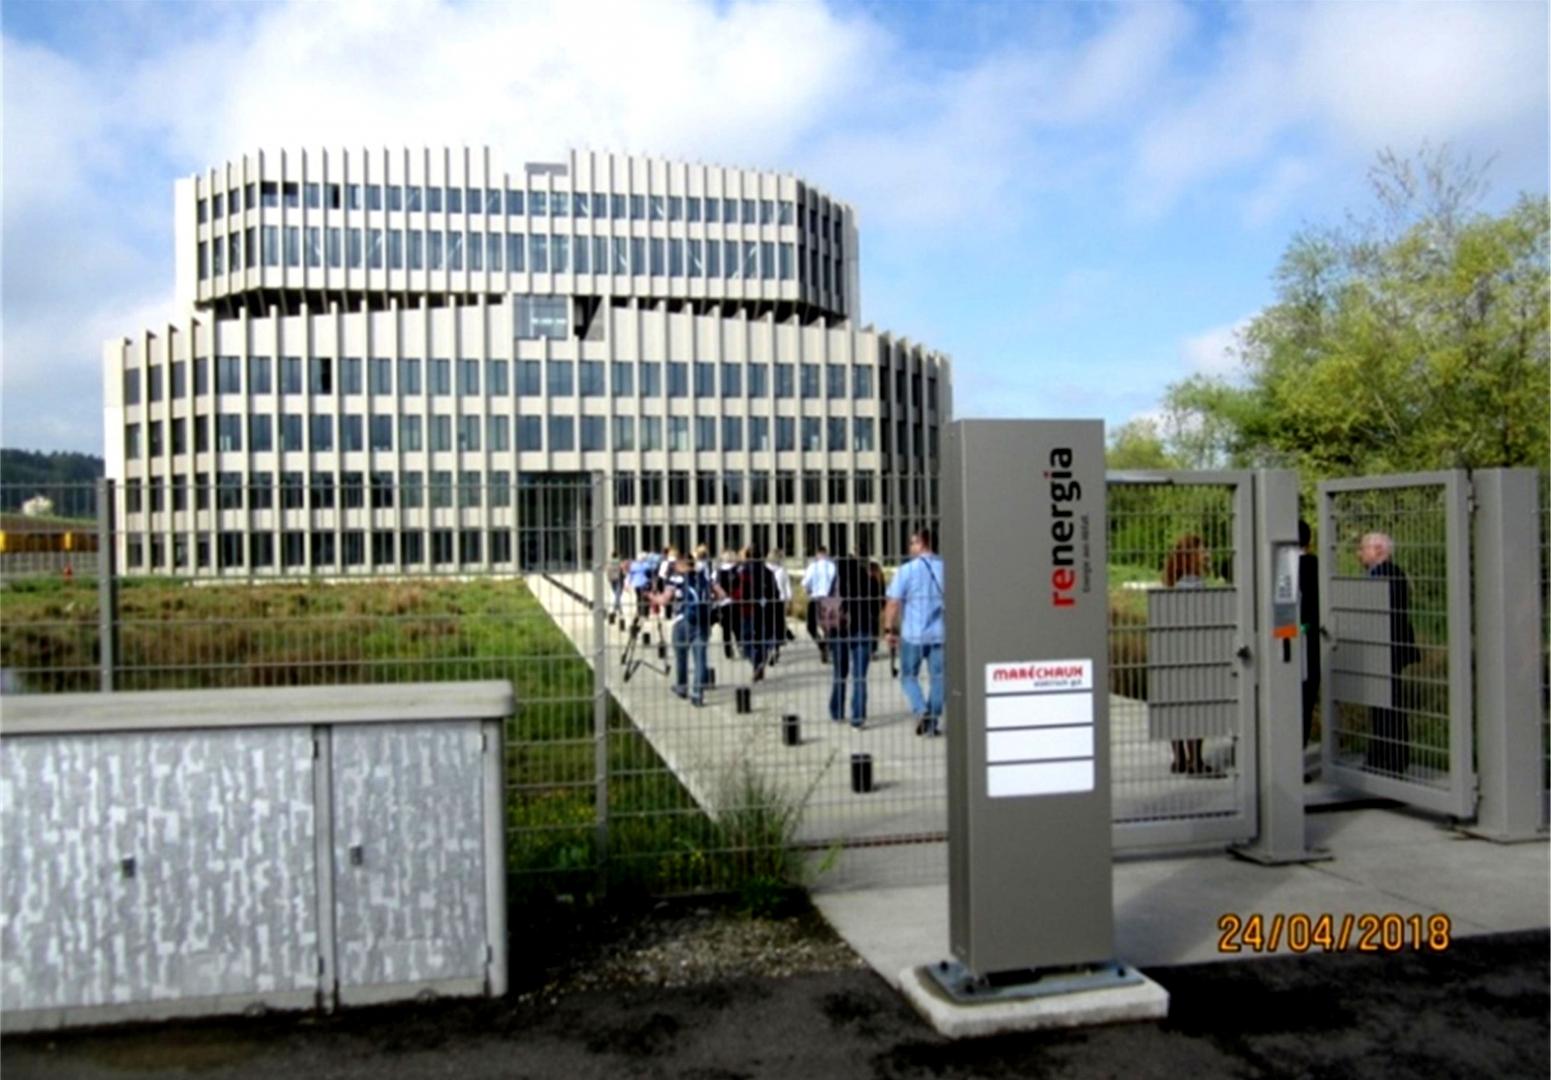 МСЗ Renergia по проекту HZI, построенный в г. Перлен кантона Люцерн в Швейцарии в 2015 году